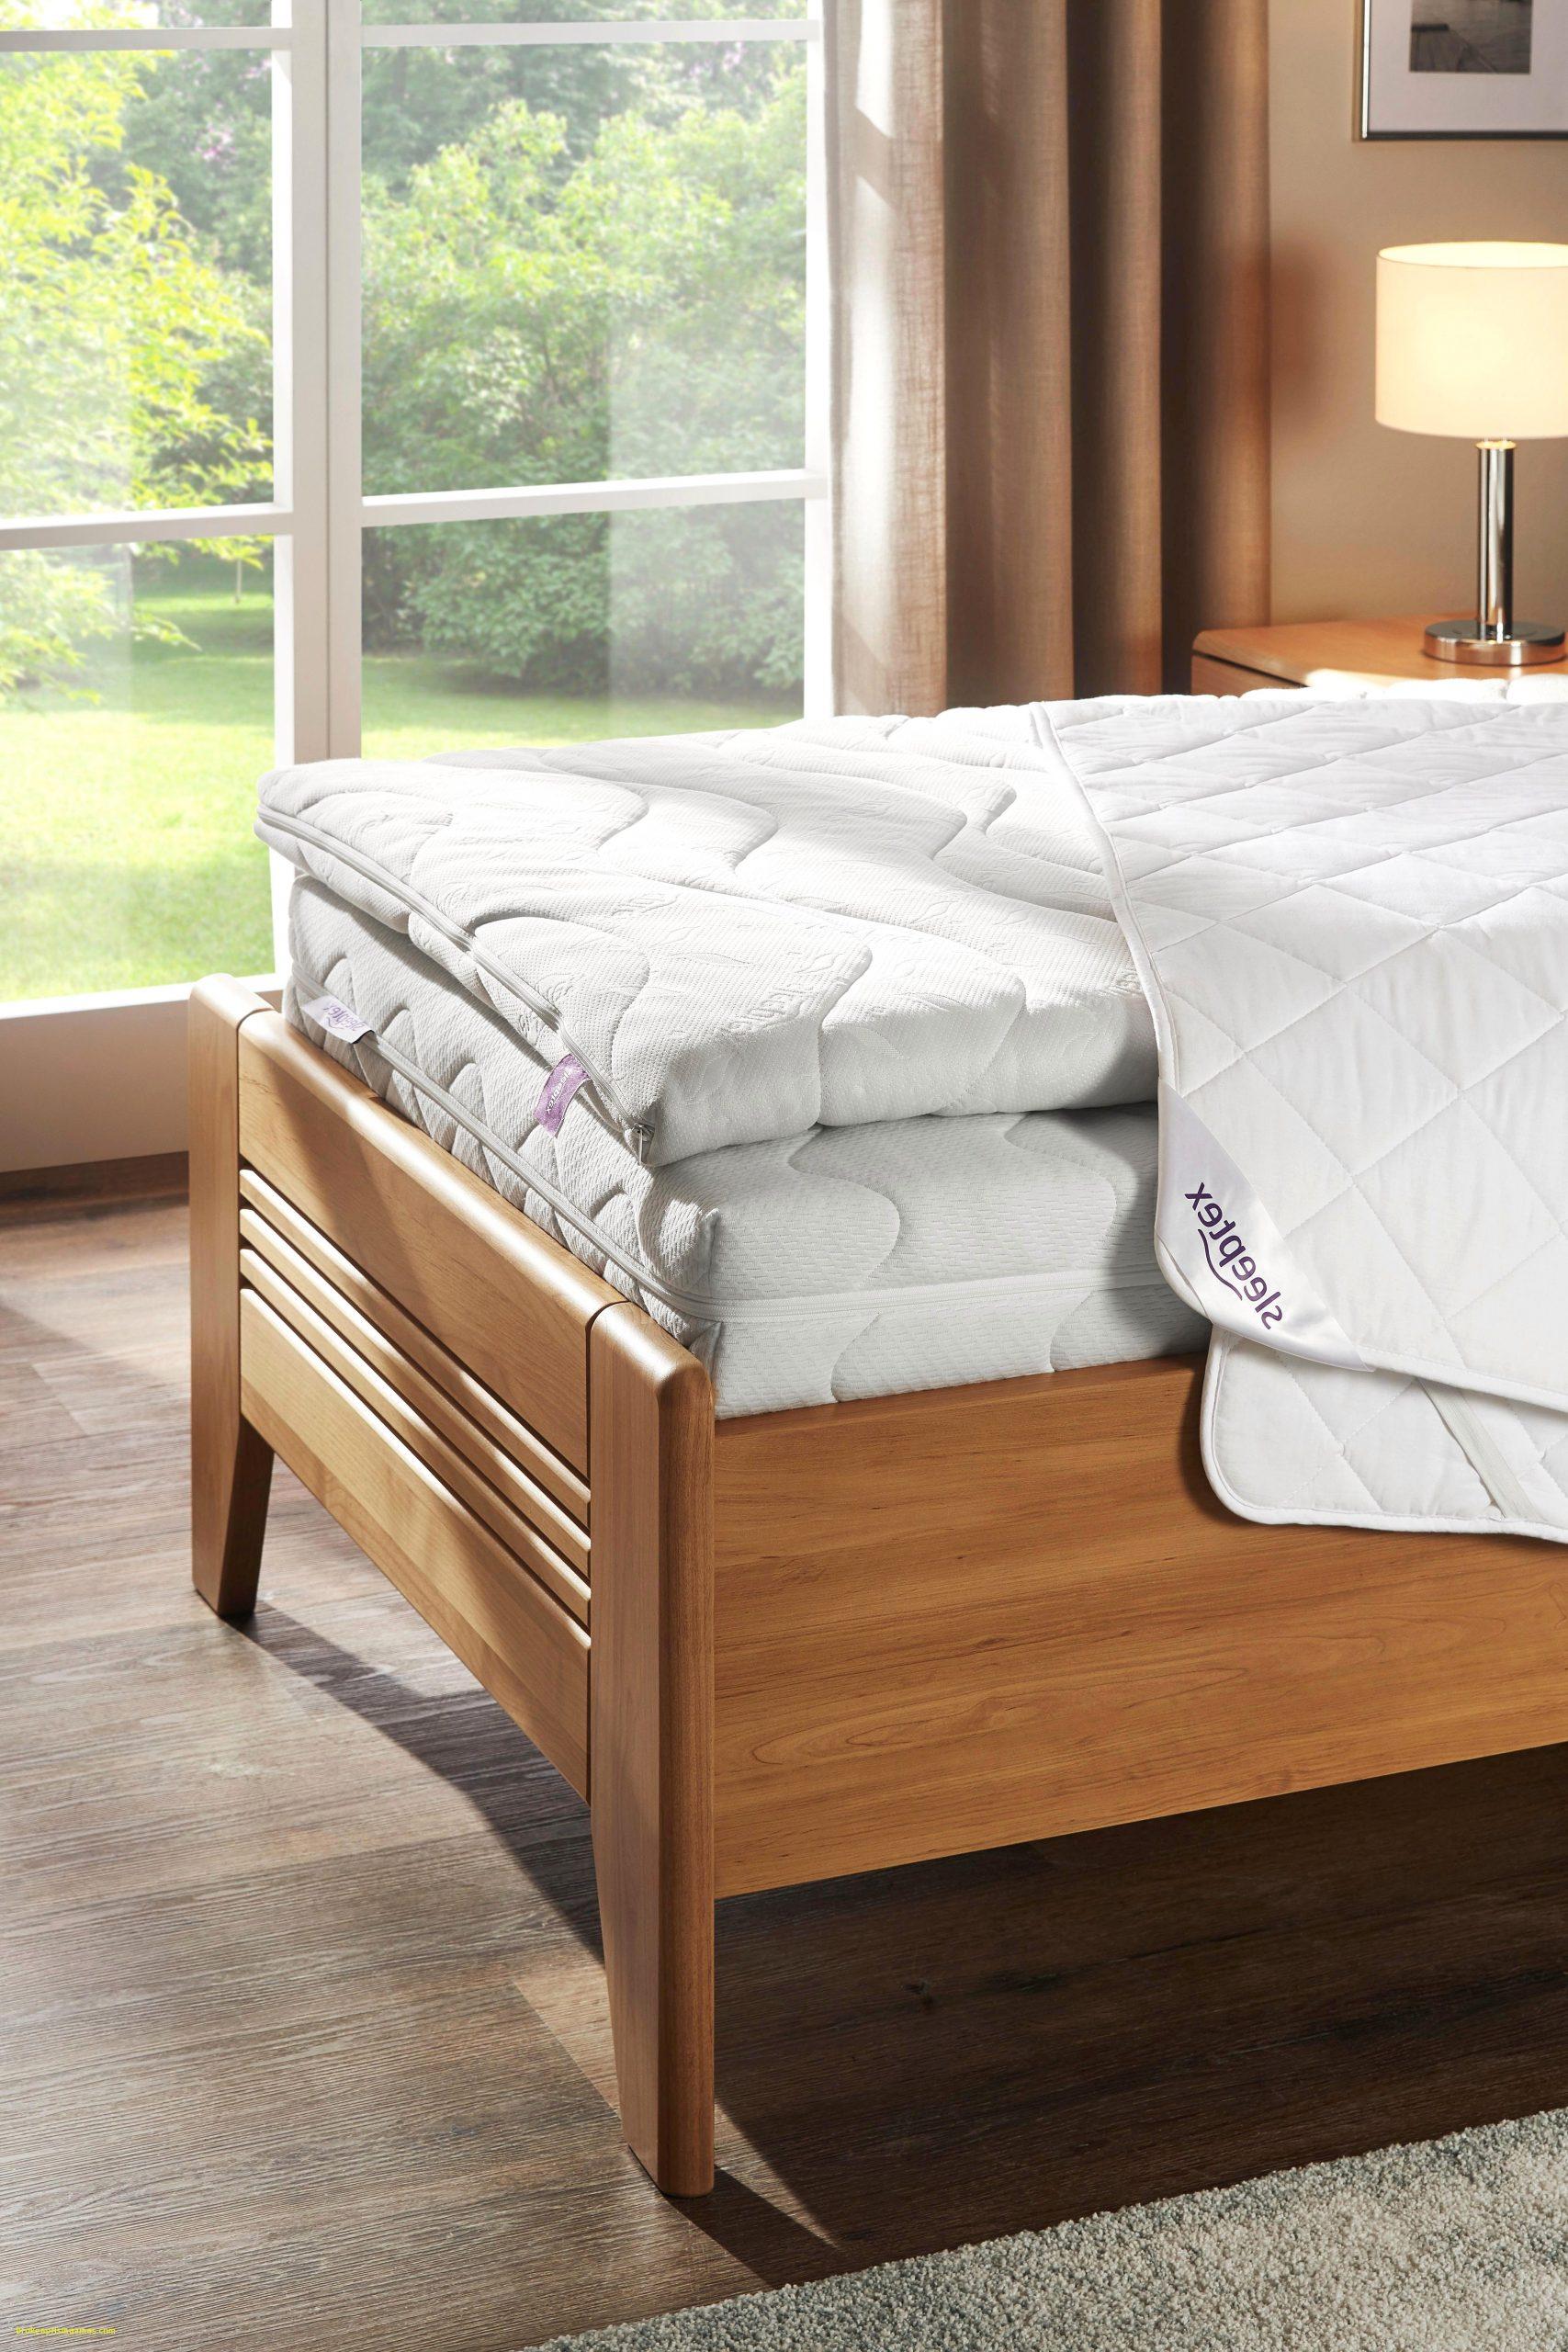 Full Size of Bett Rückwand Mit Gästebett Ausklappbar Weißes 160 Rutsche Dico Betten Massivholz 160x200 Lattenrost Kopfteil Selber Bauen Bettwäsche Sprüche 2x2m Bett Bett Rückwand